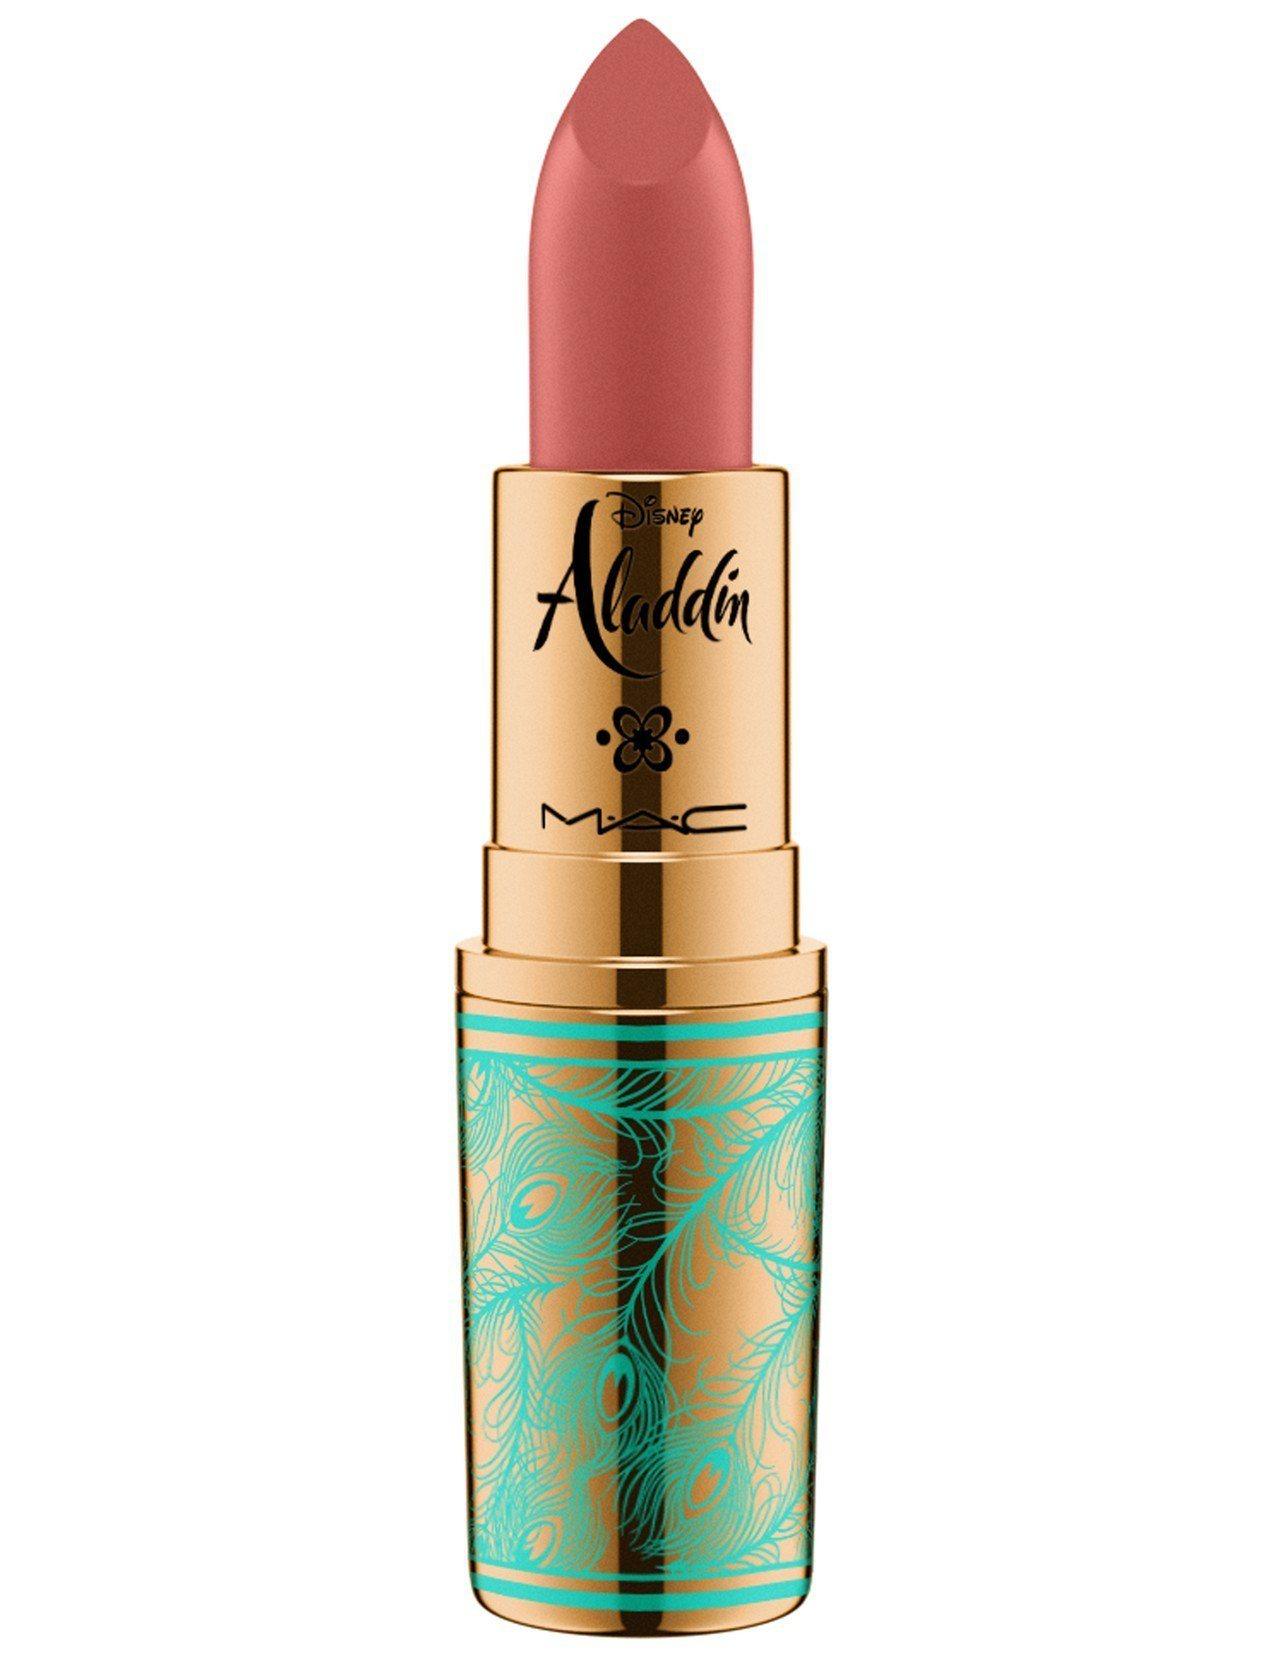 M·A·C阿拉丁聯名系列時尚專業唇膏/3g/820元。圖/M·A·C提供